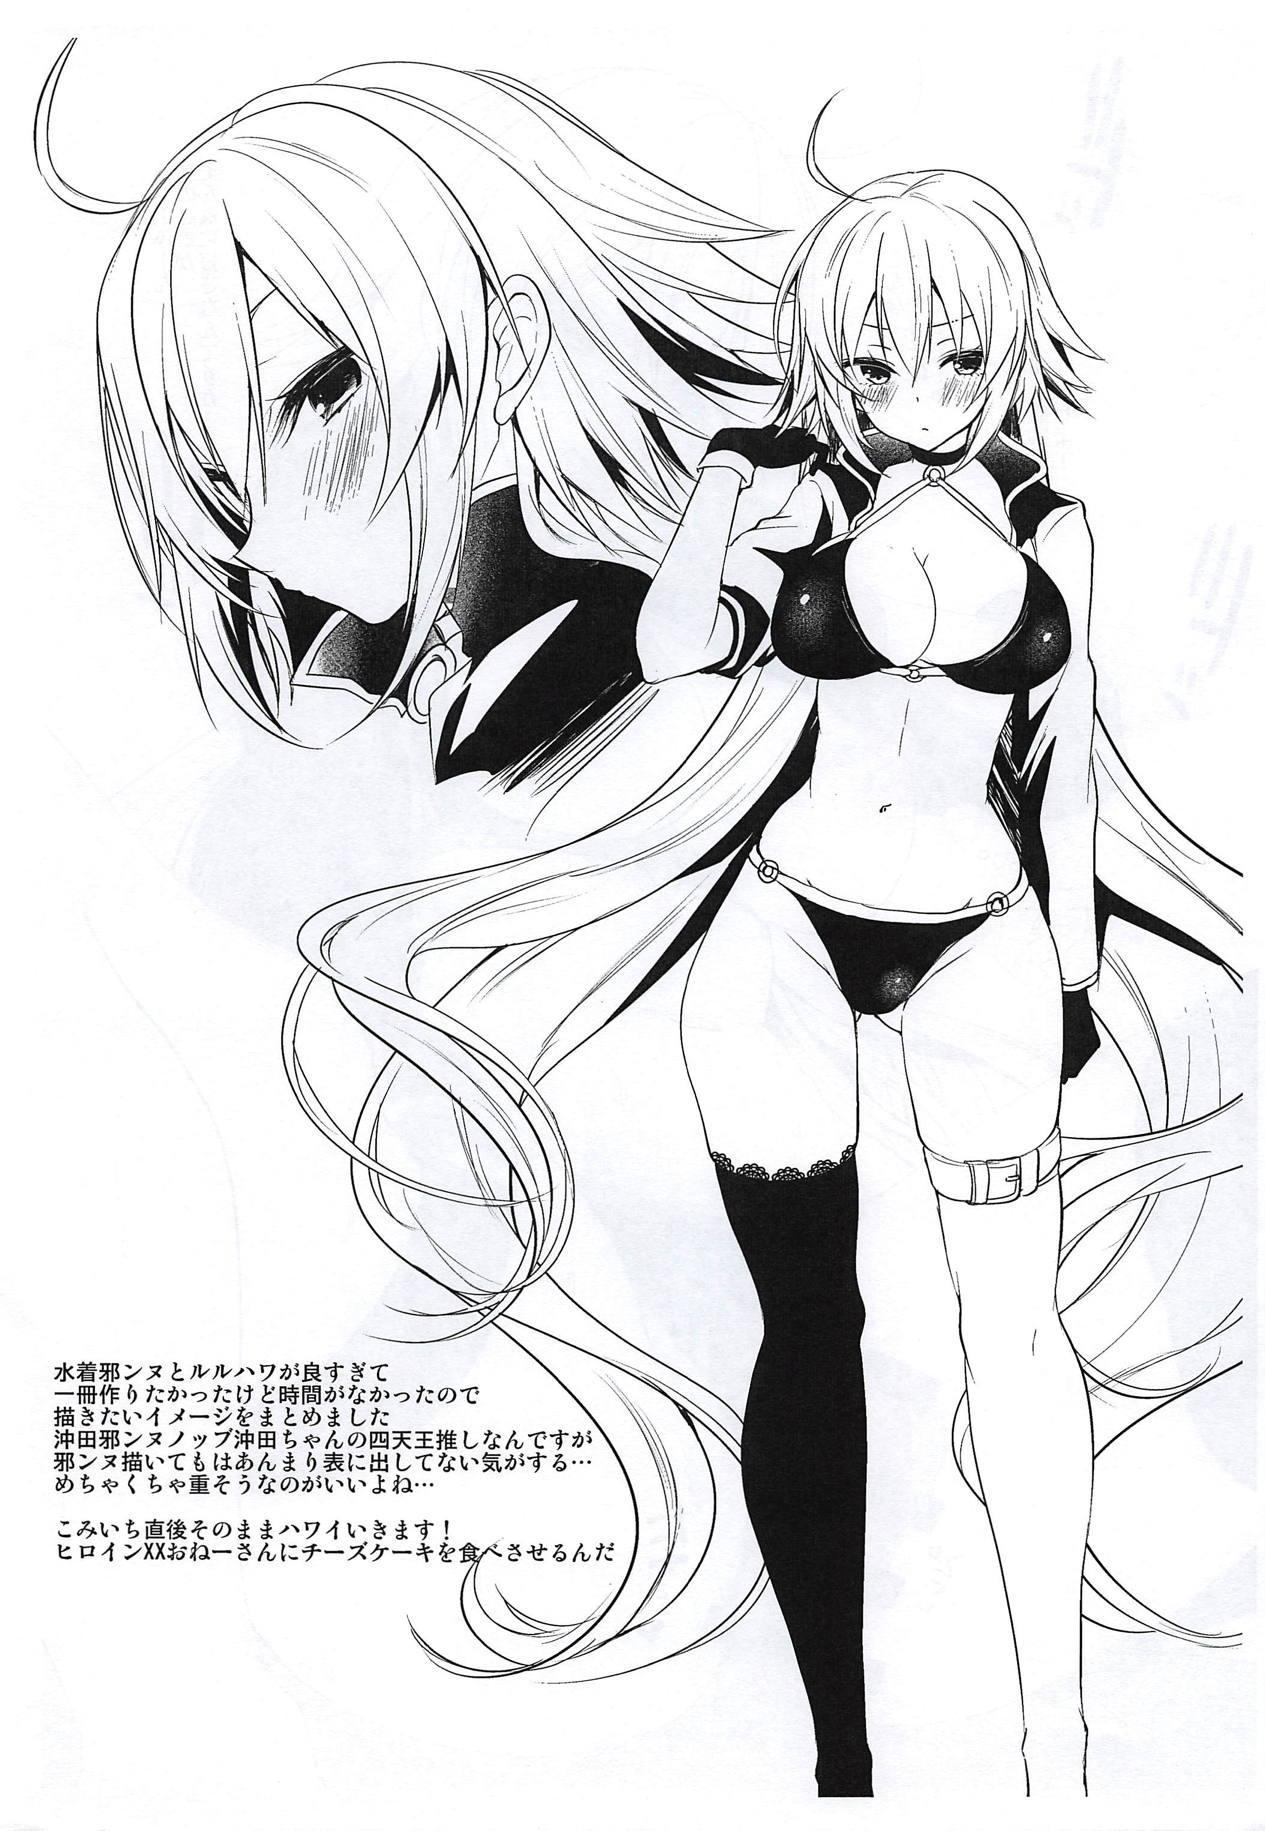 (COMIC1☆14) [Yamo7 (Ayuma Sayu)] Yamo7 no Ecchi na Hon - Mizugi Jeanne to Chotto dake Okita-san Kaijou Genteibon (Fate/Grand Order) 2